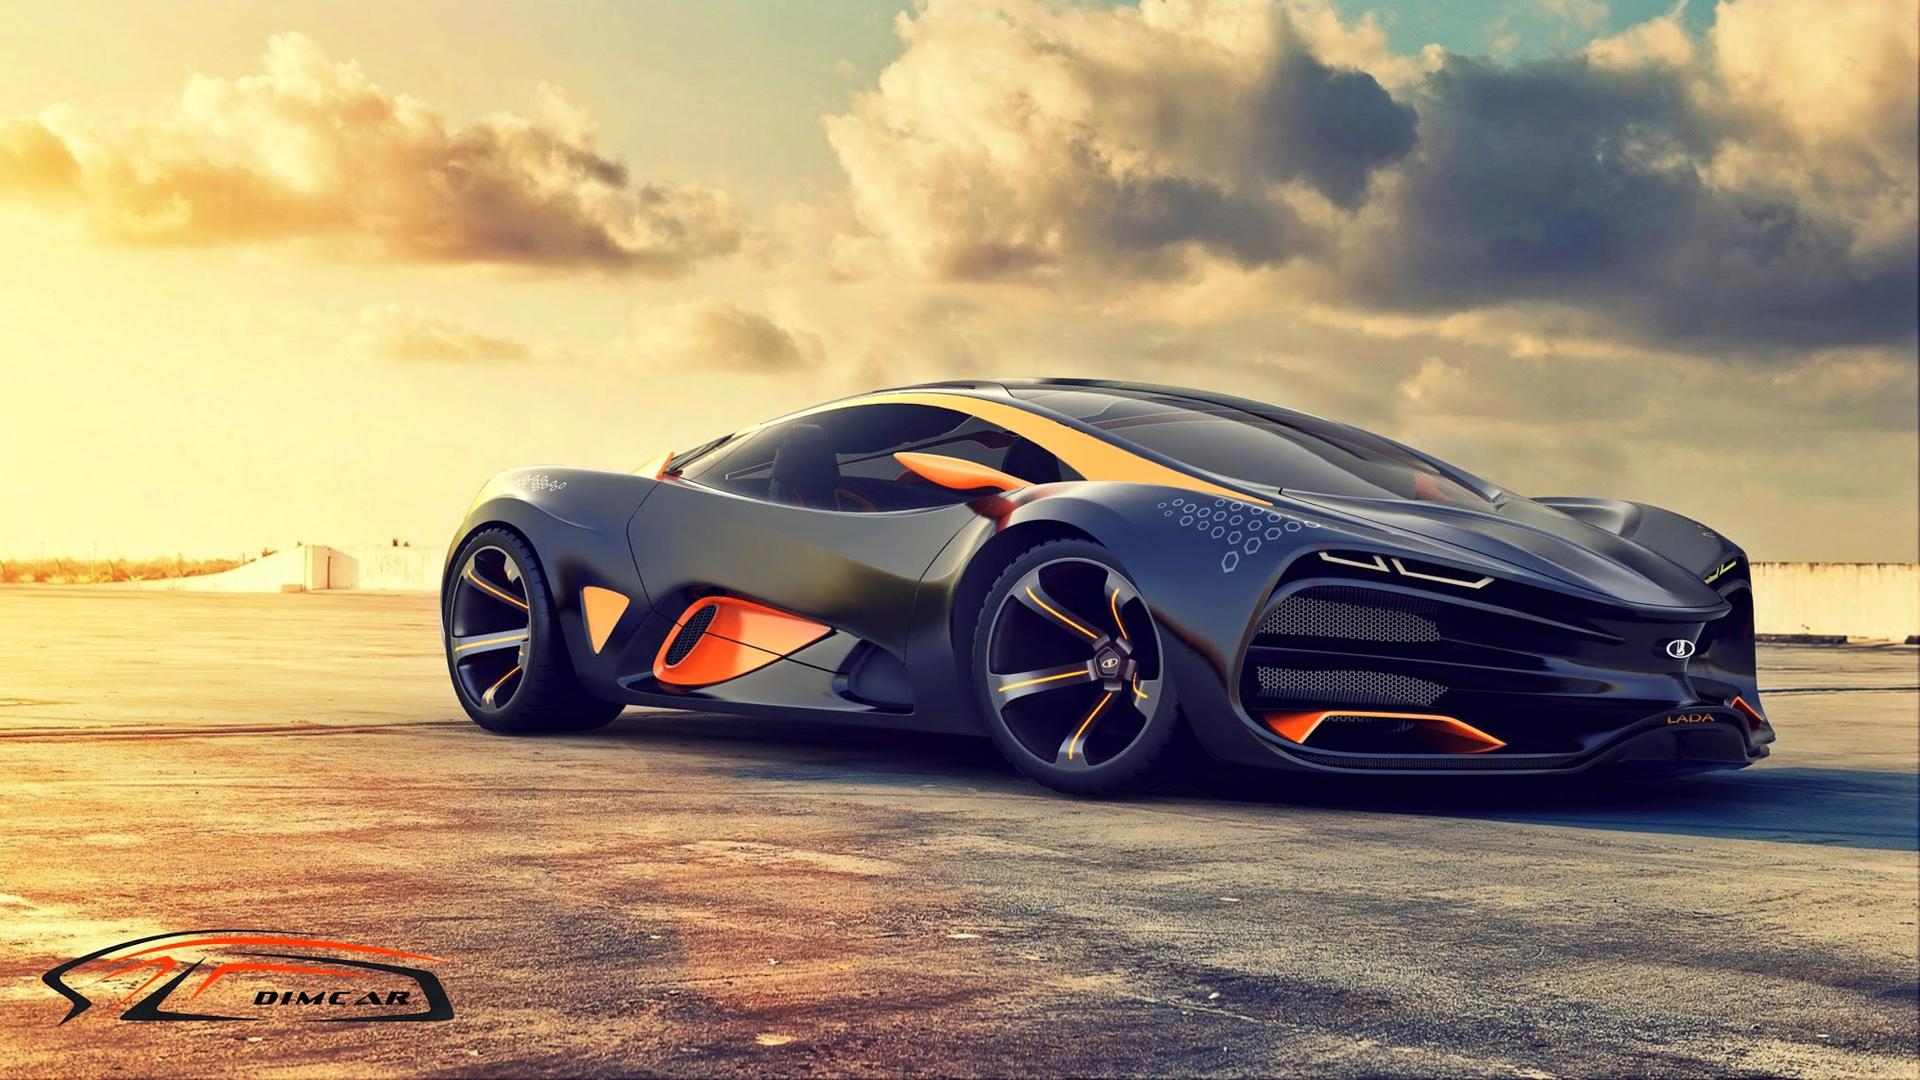 Jaguar Car Wallpapers Hd Free Download Hd Wallpapers Free Download